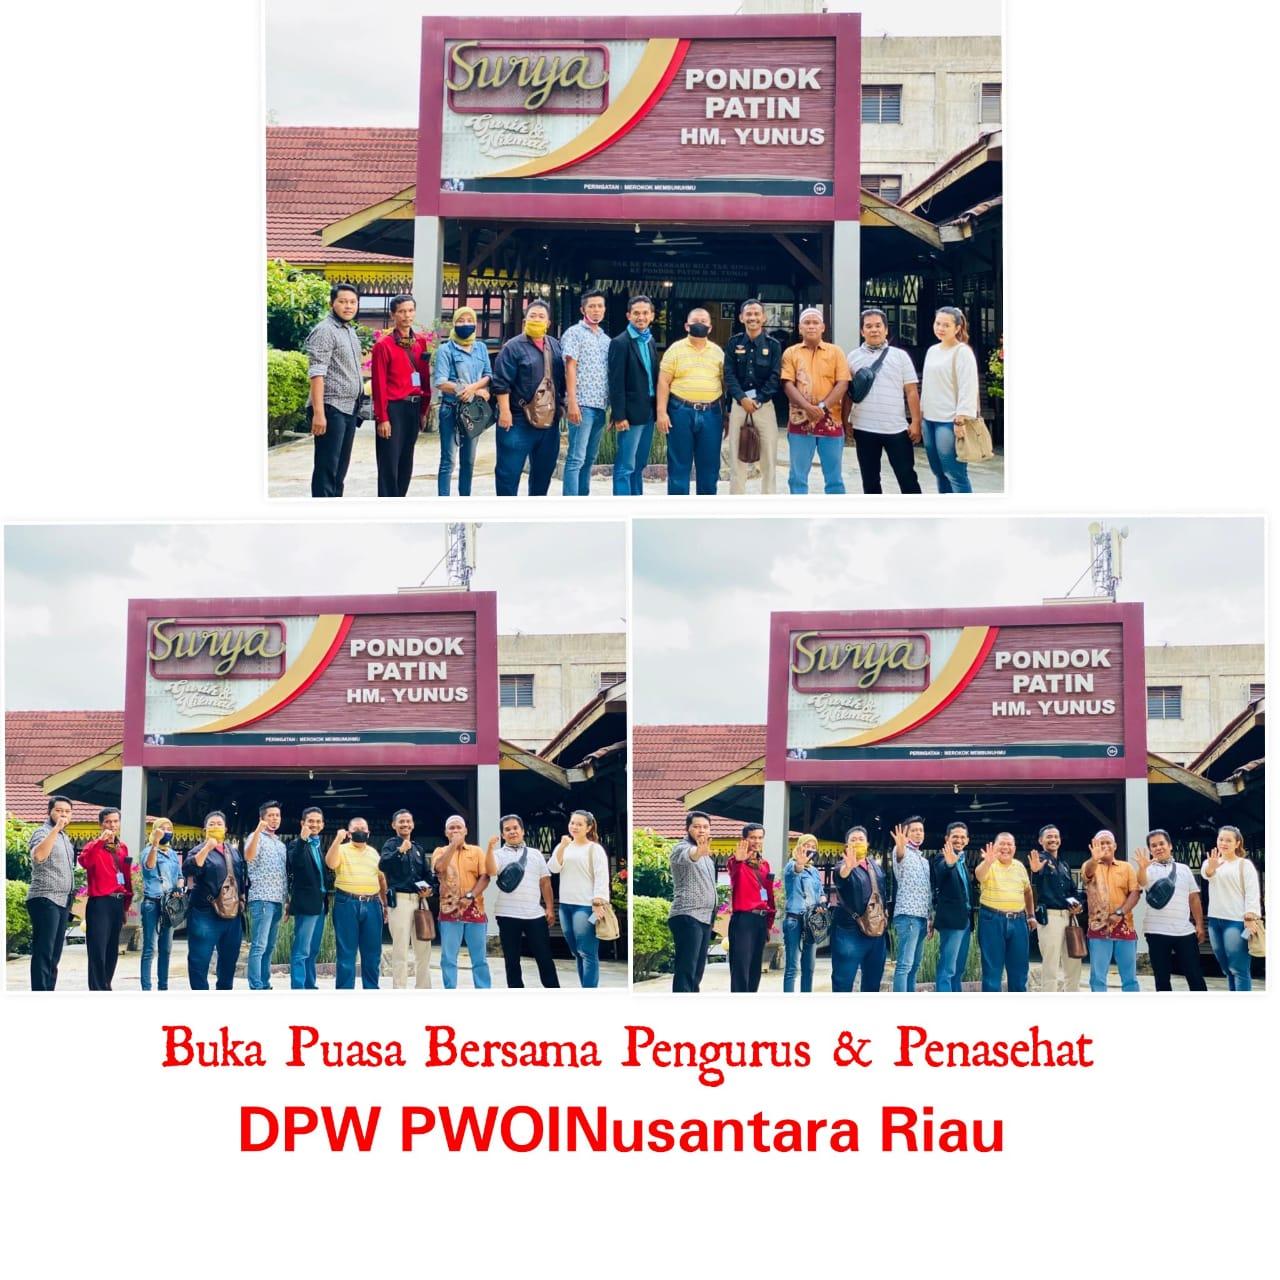 H.Yunus, Penasehat DPW PWOINusantara Riau Ajak Buka Puasa Bersama di Pondok Patin